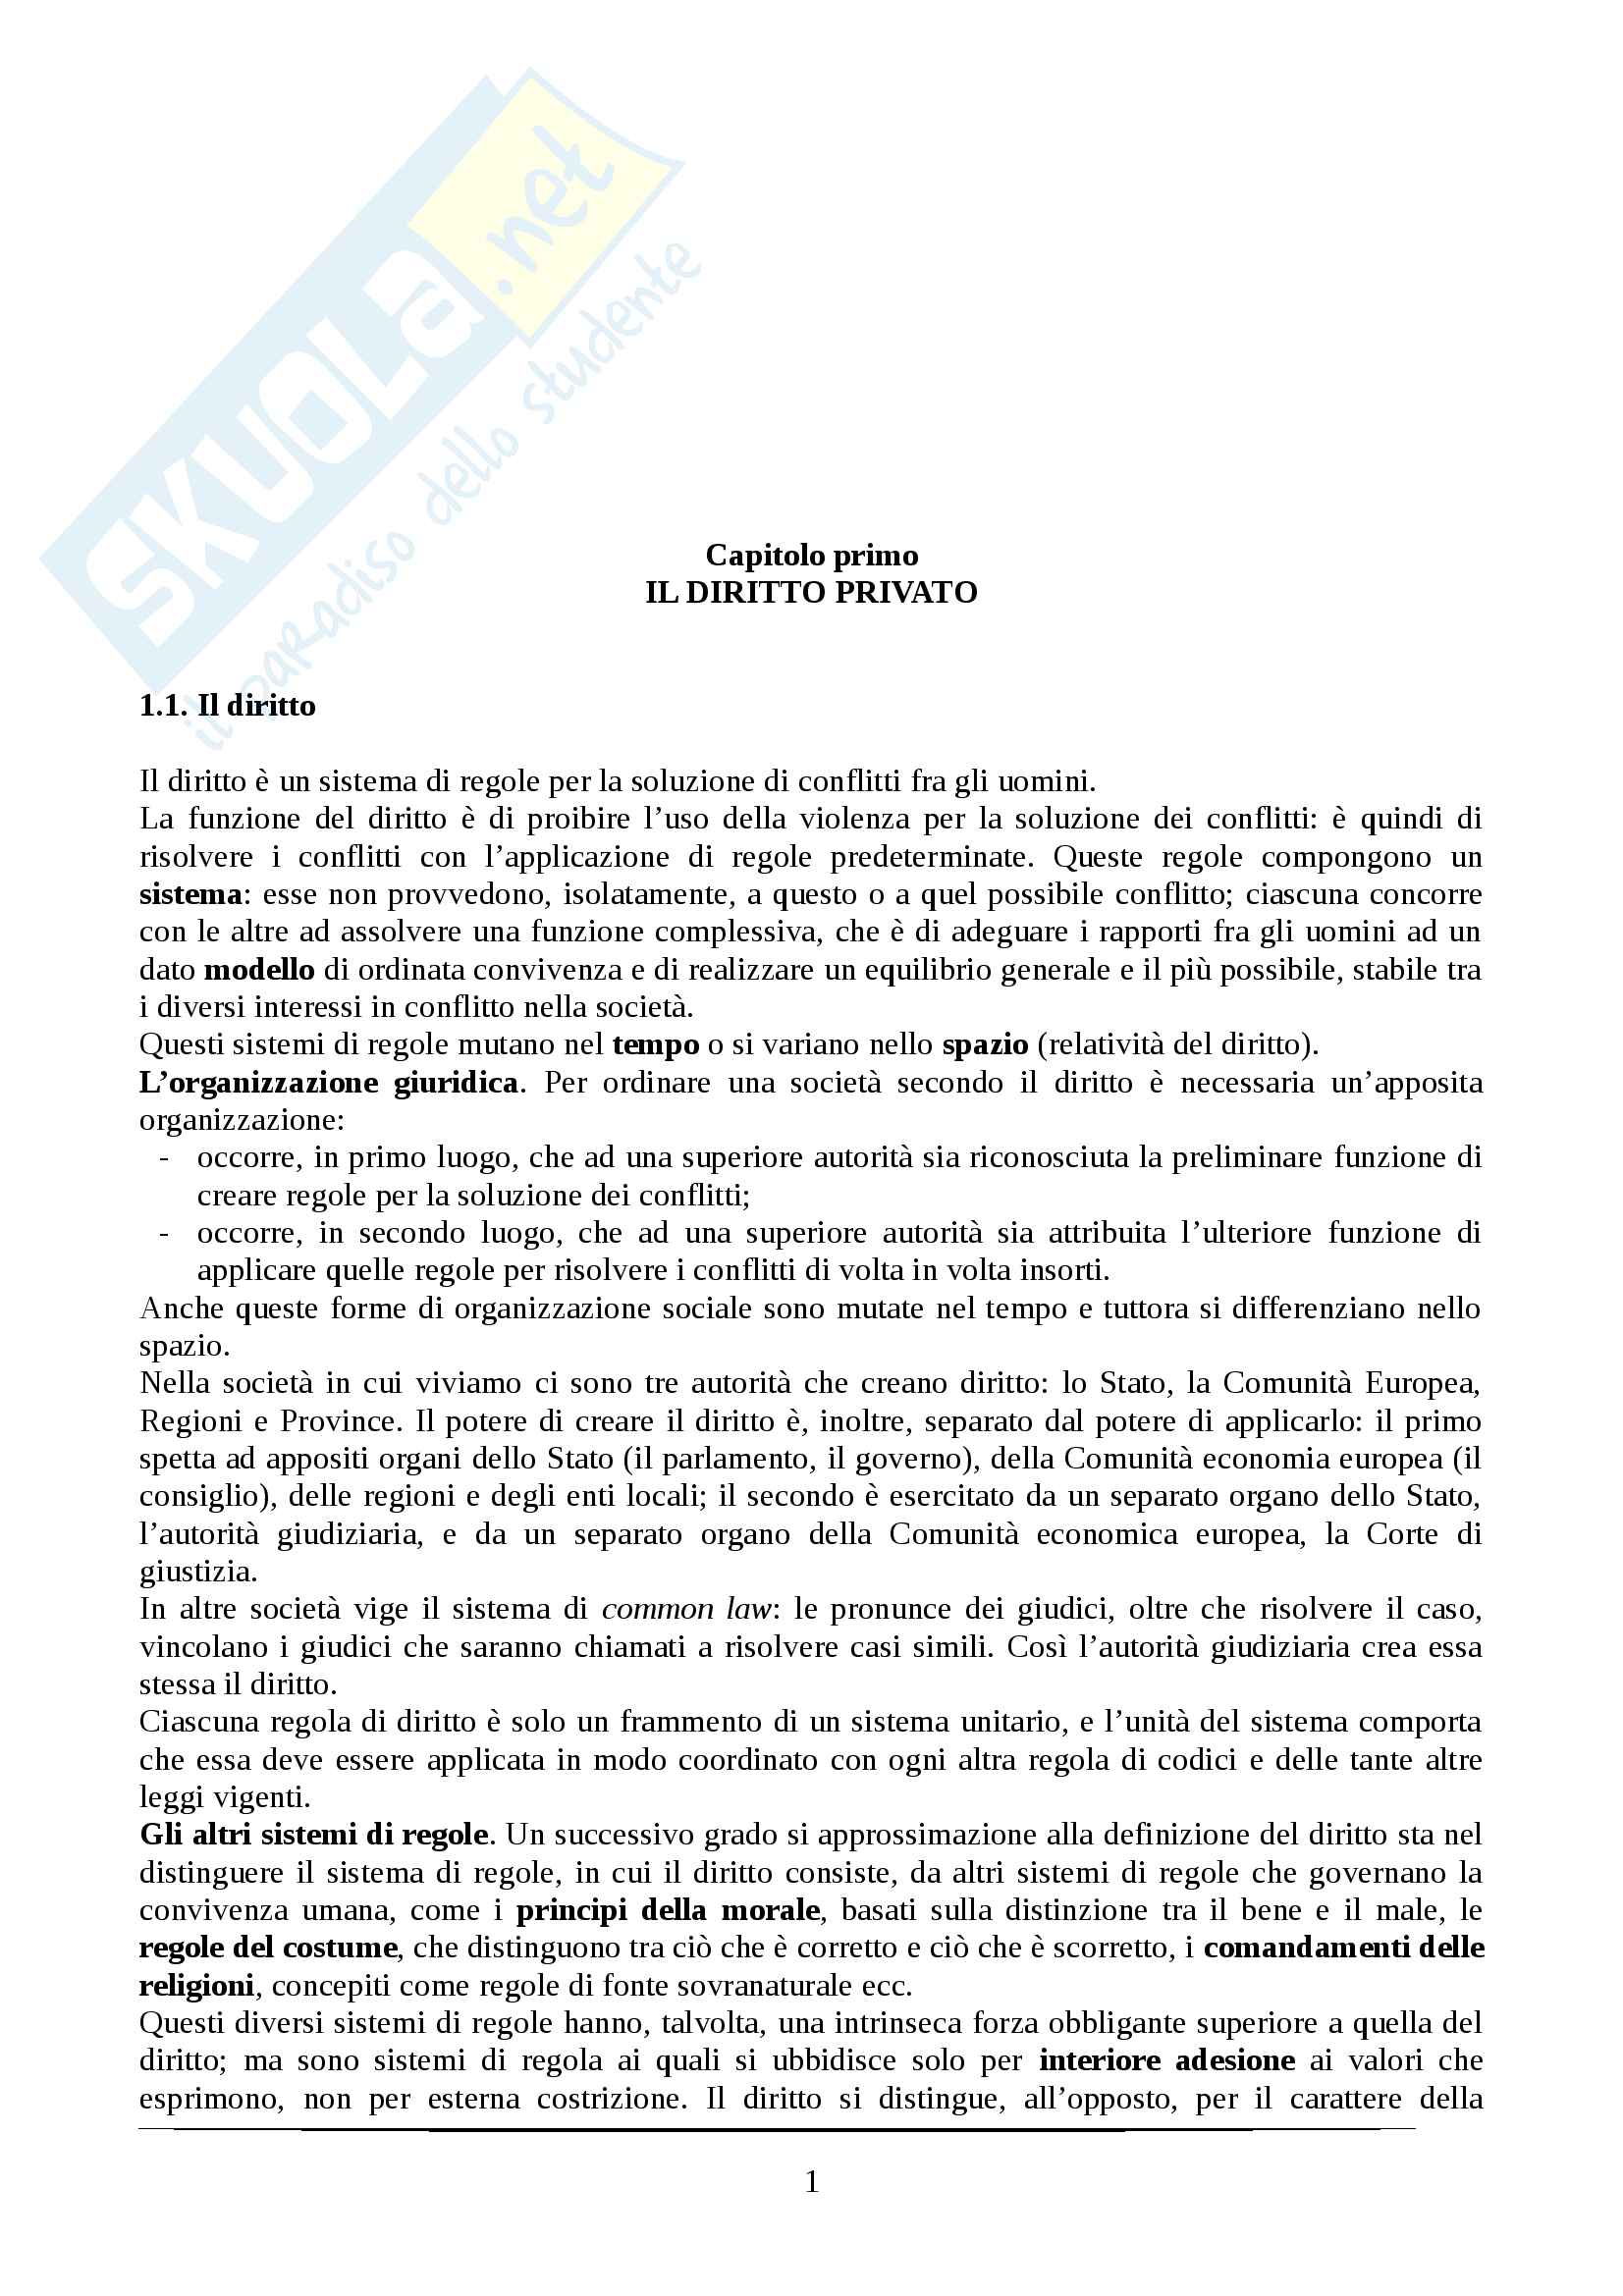 Riassunto esame Diritto privato, prof. Rolli, libro consigliato Diritto privato Galgano